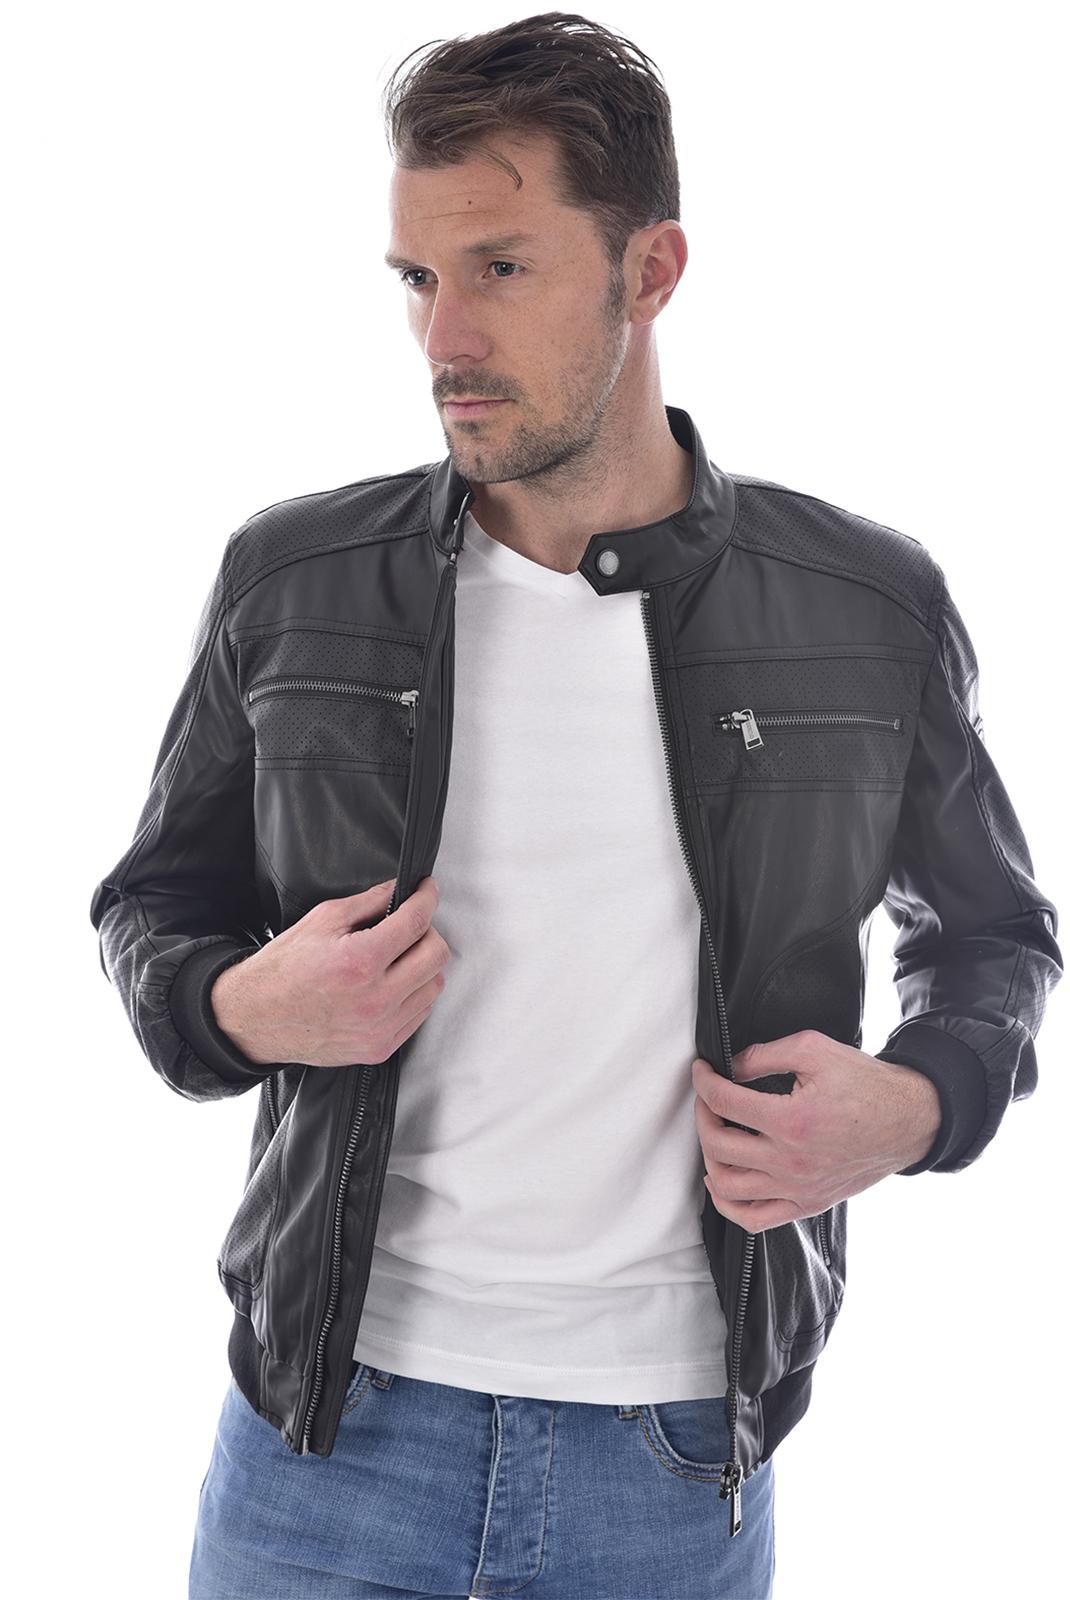 Blousons / doudounes  Guess jeans M92L18 WBFT0 JBLK